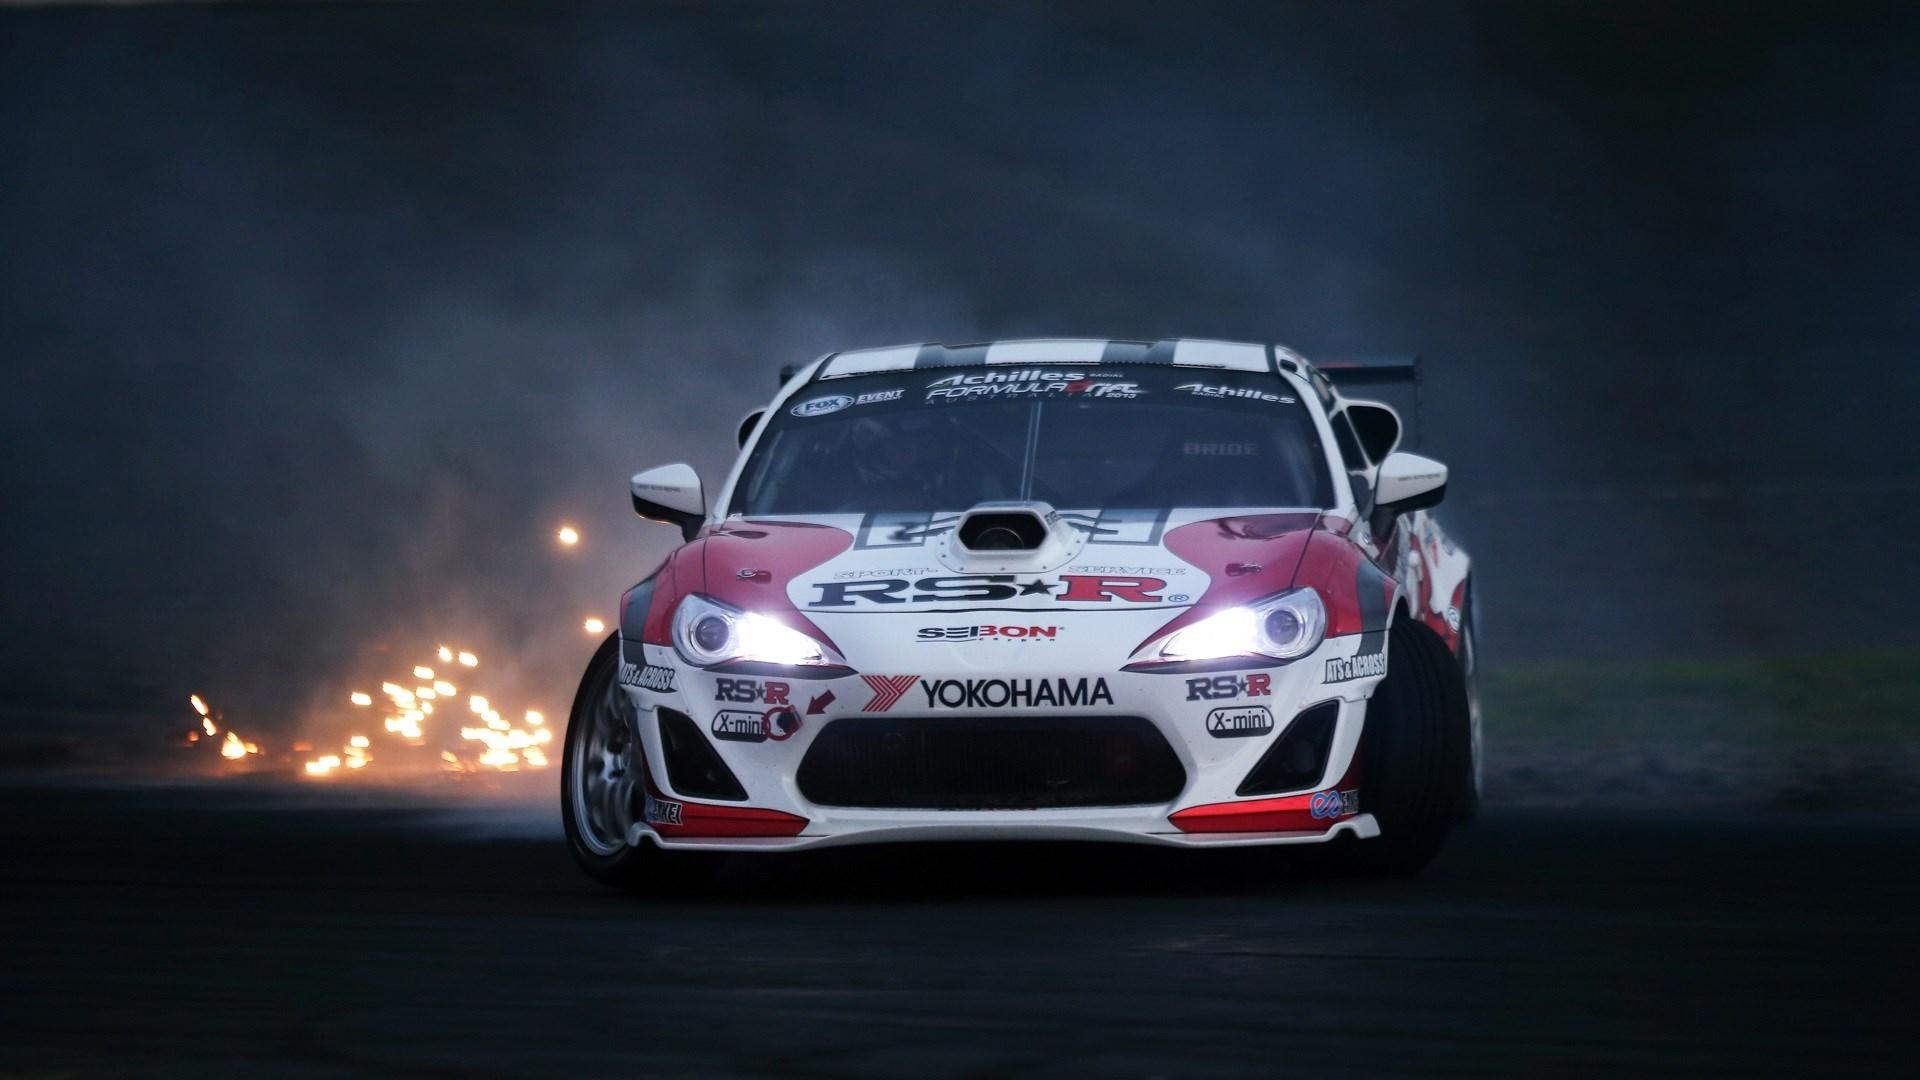 Toyota Drift Sparks